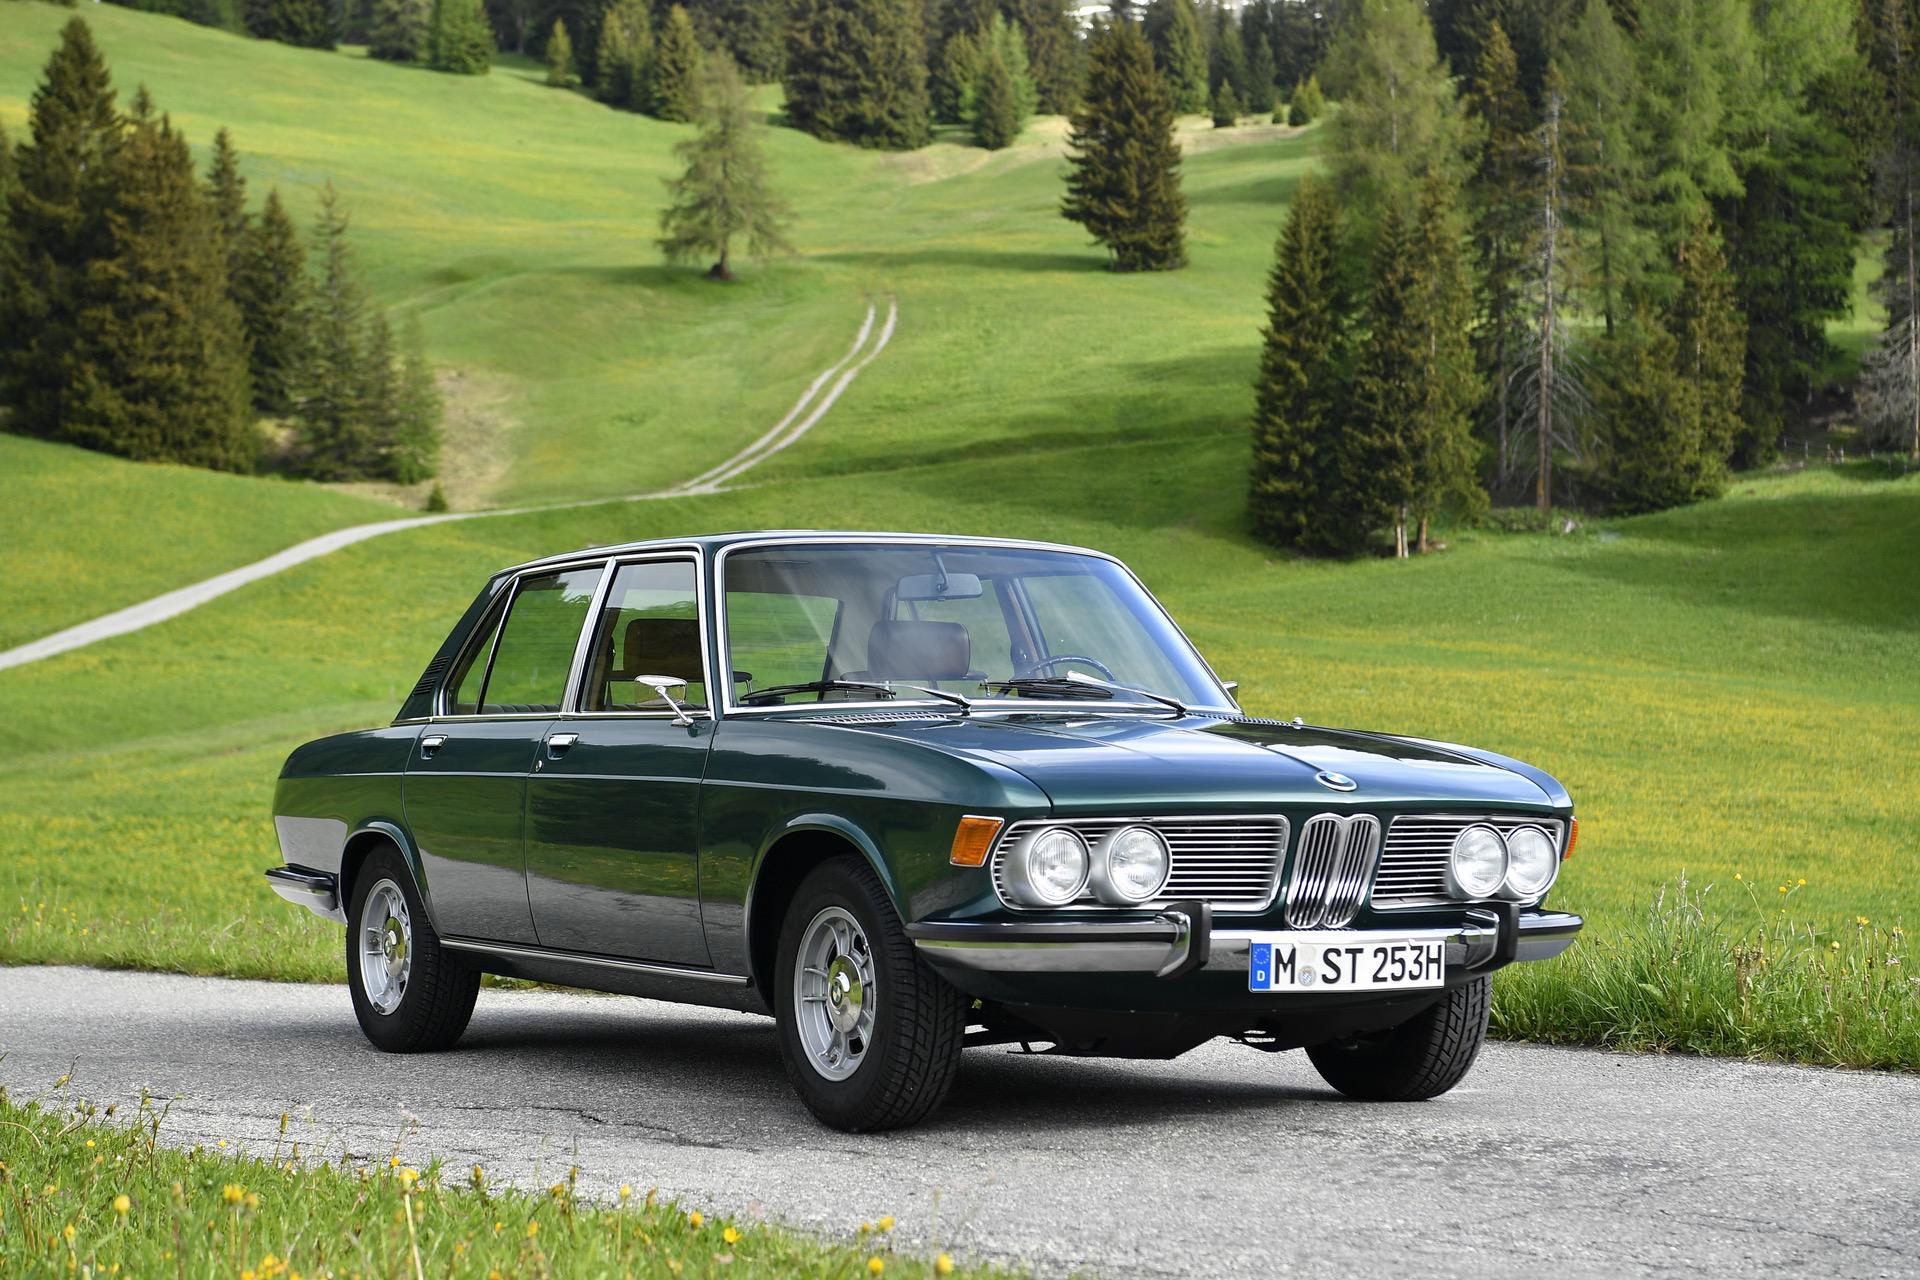 BMW 2500 1970 Tundragrun 19